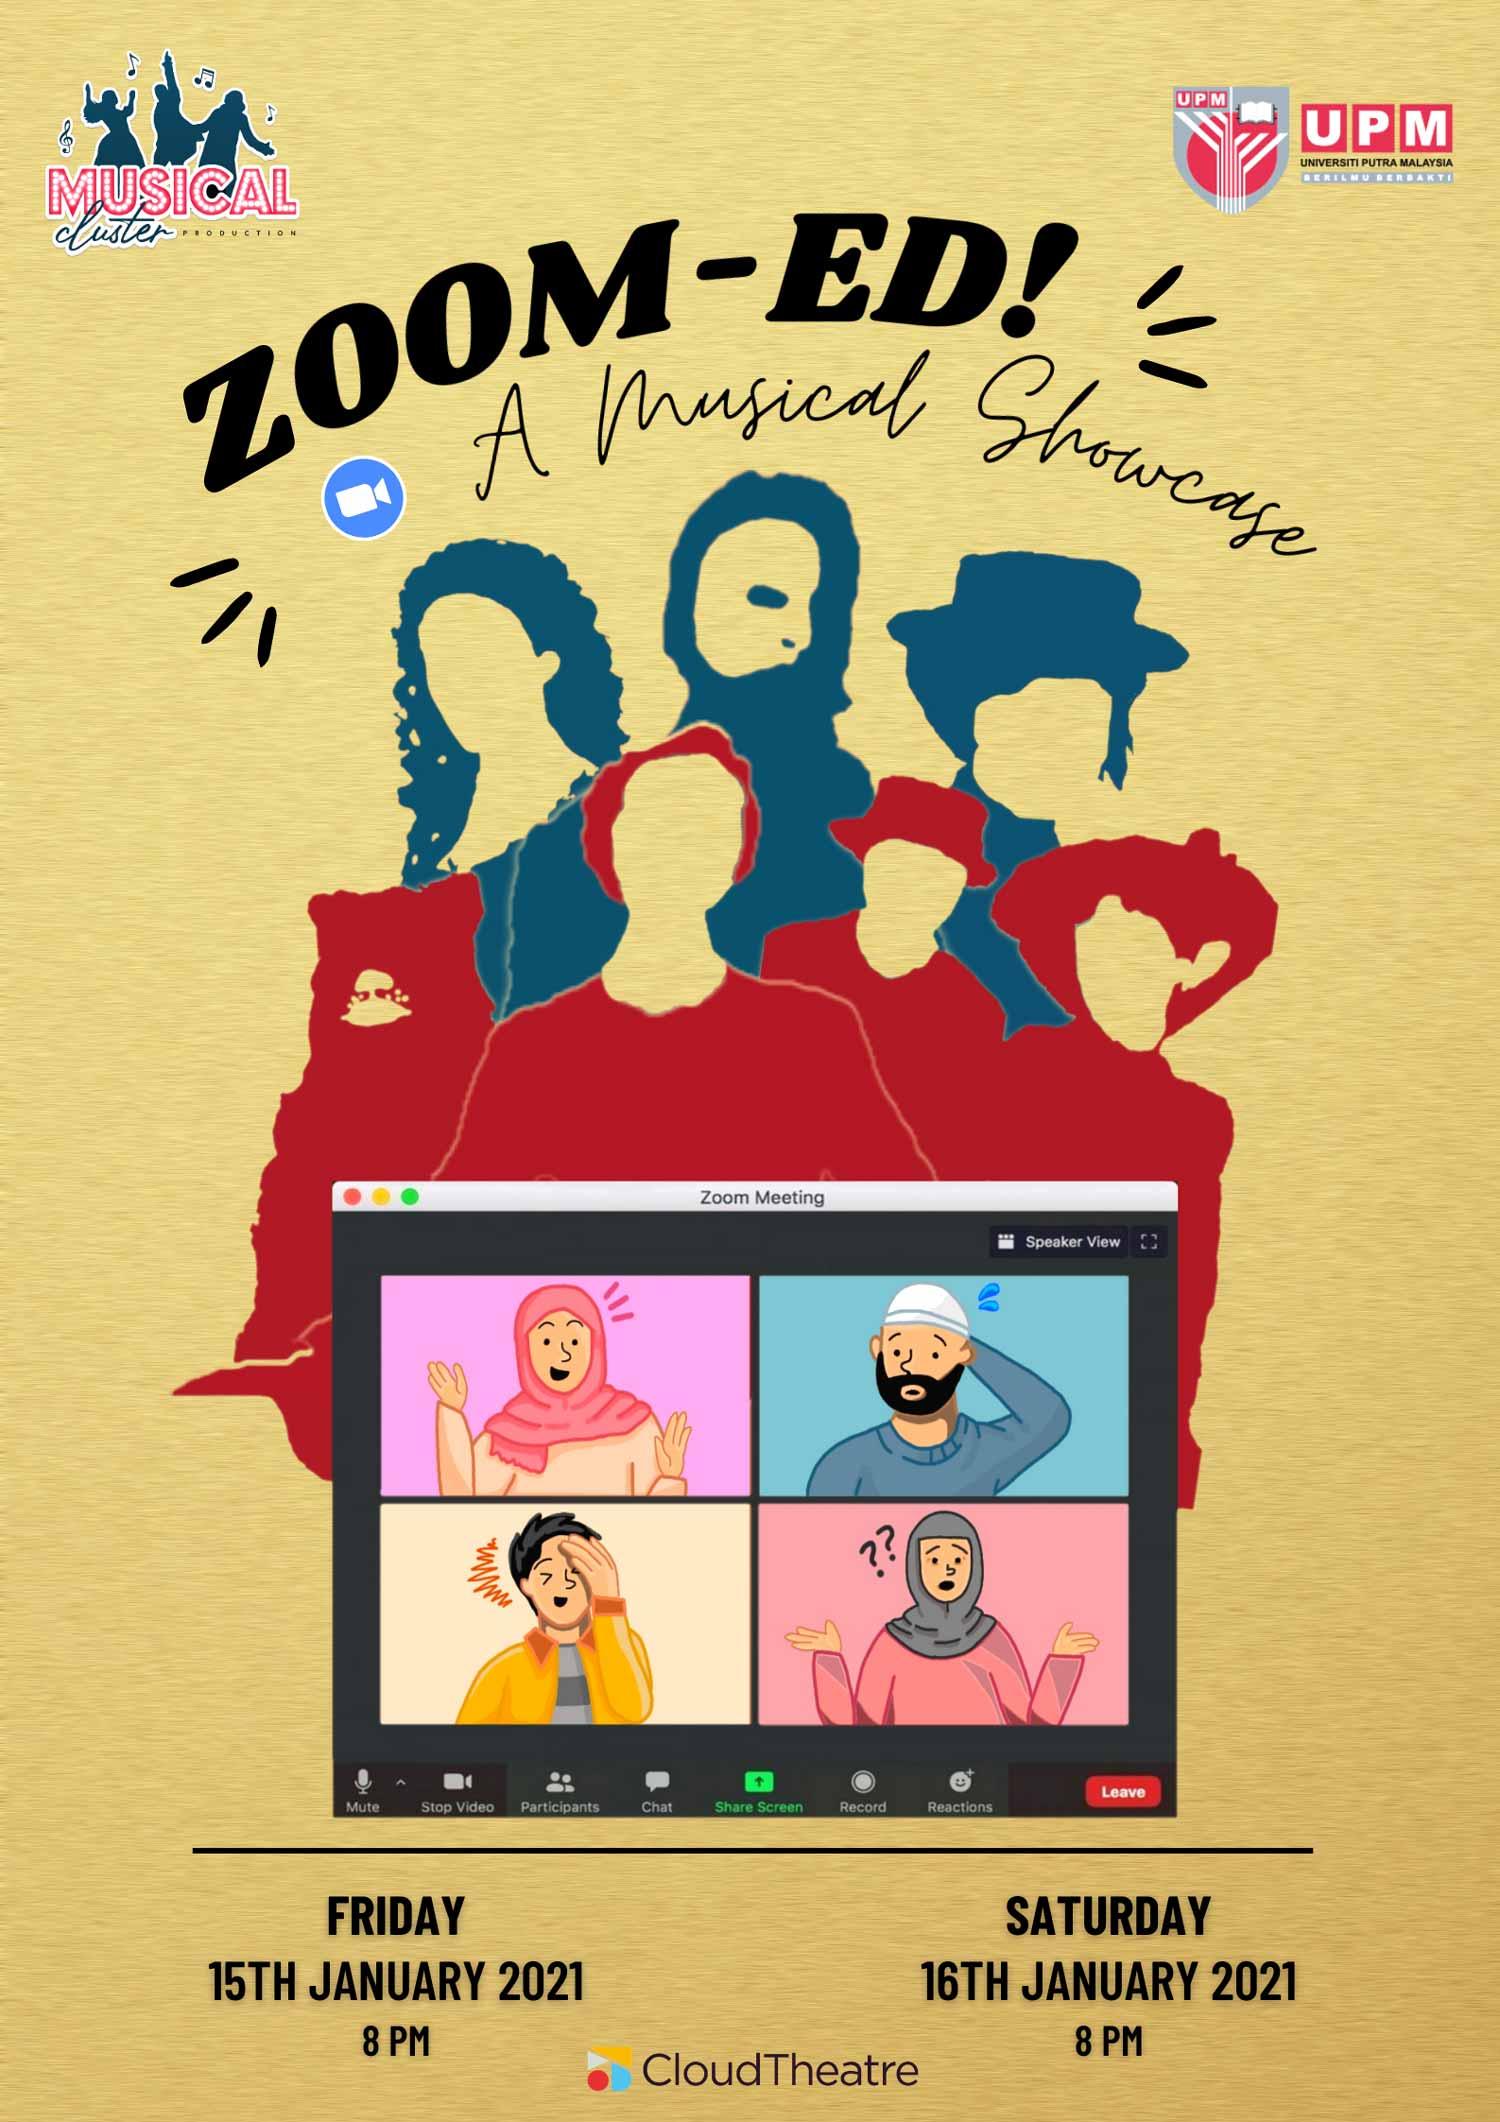 Zoom-ED! A Musical Showcase.